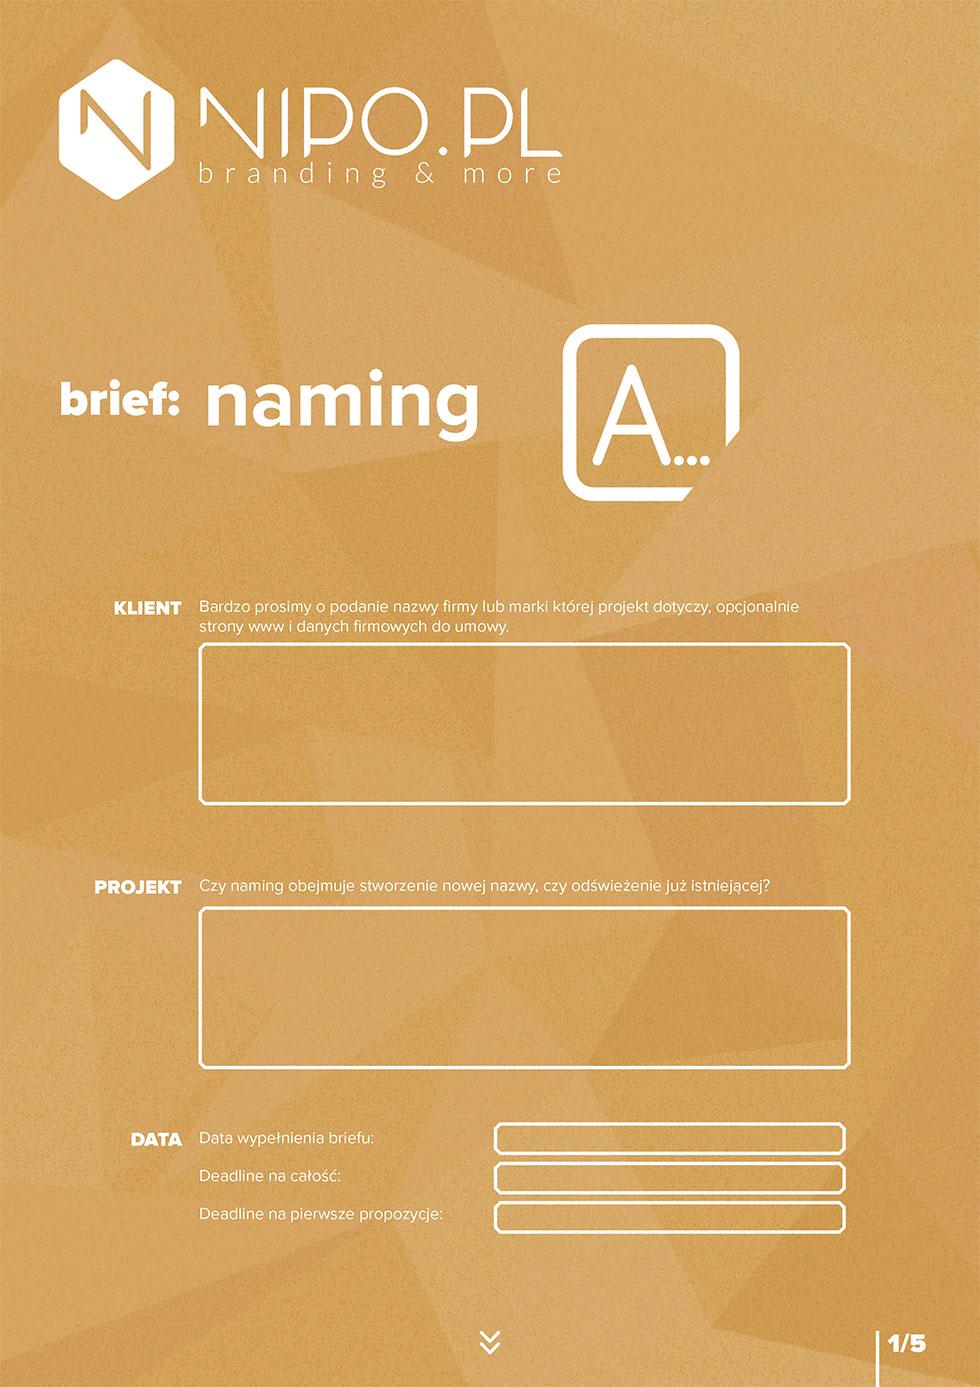 NIPO_brief_naming